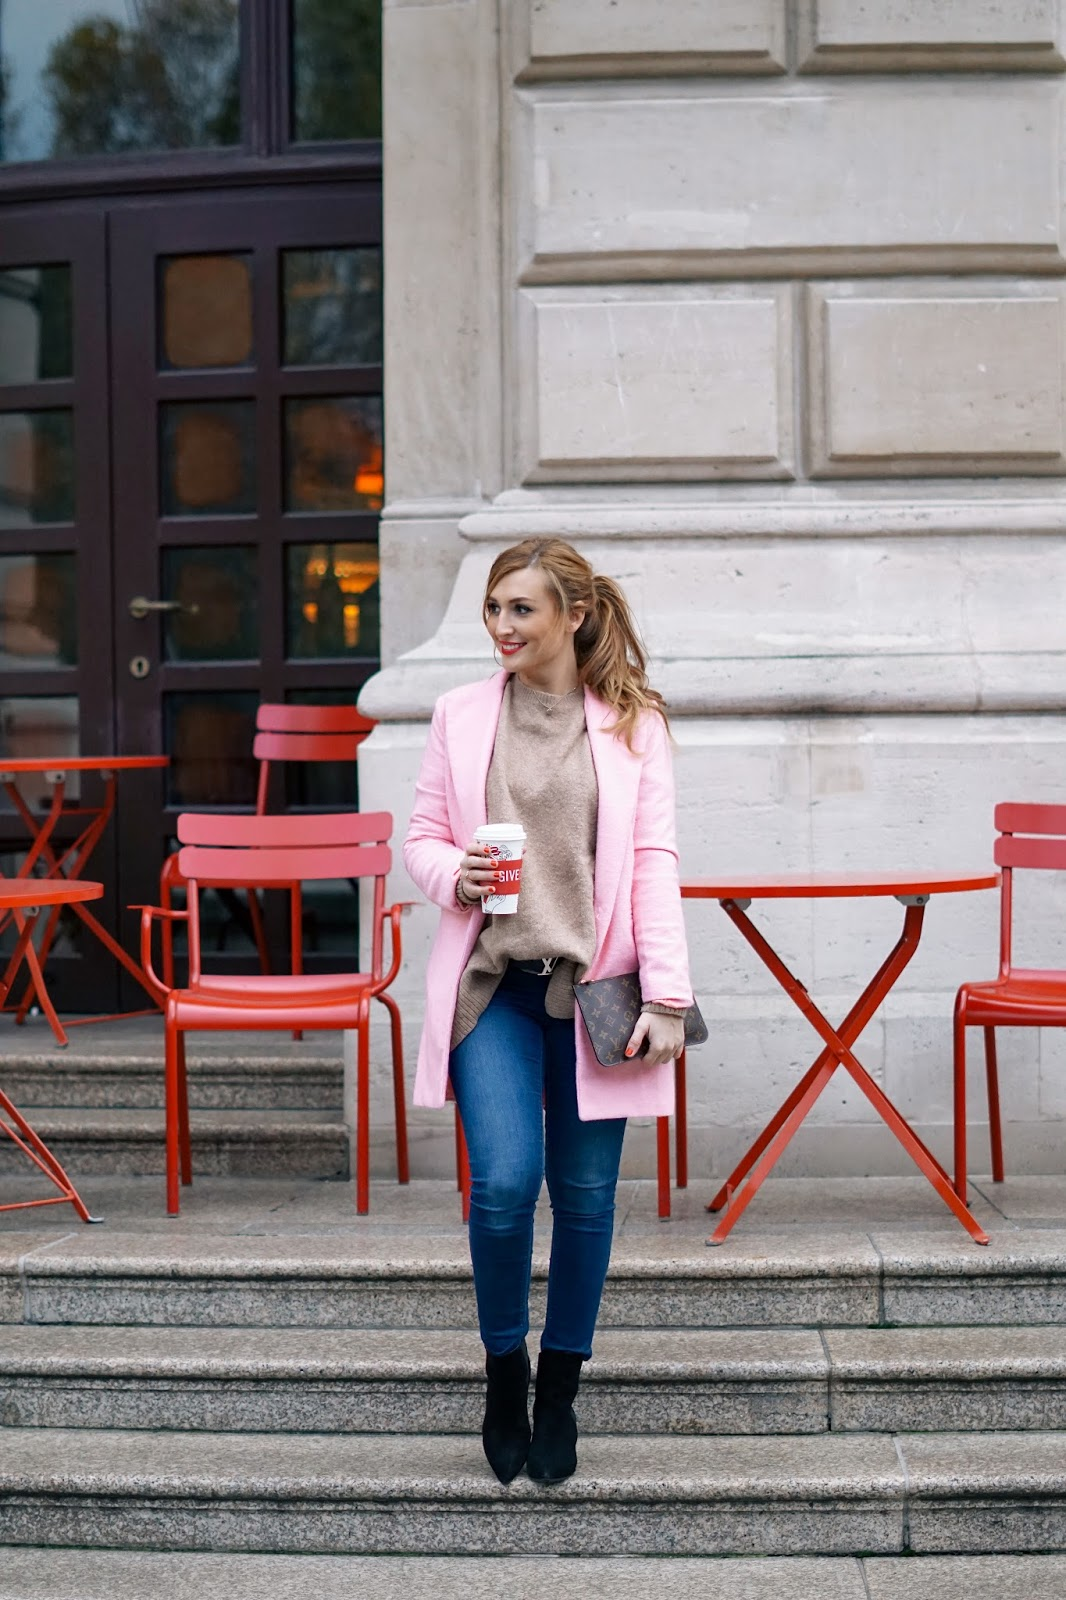 wie-stylt-man-einen-rosa-mantel-camelpullover-in-rosa-kombinieren-wie-kombiniere-ich-einen-rosa-mantel--Deutsche-fashionblogger-blogger-aus-deutschland-fashionstylebyjohanna-frankfurt-blogger-blogger-aus-Frankfurt